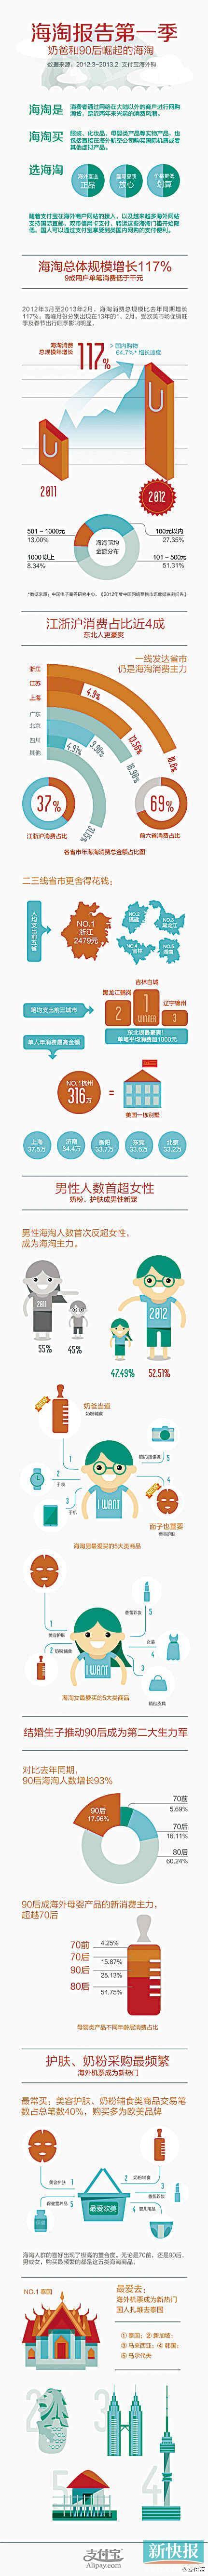 网购族群报告:剁手族年购五万起 人数过百万